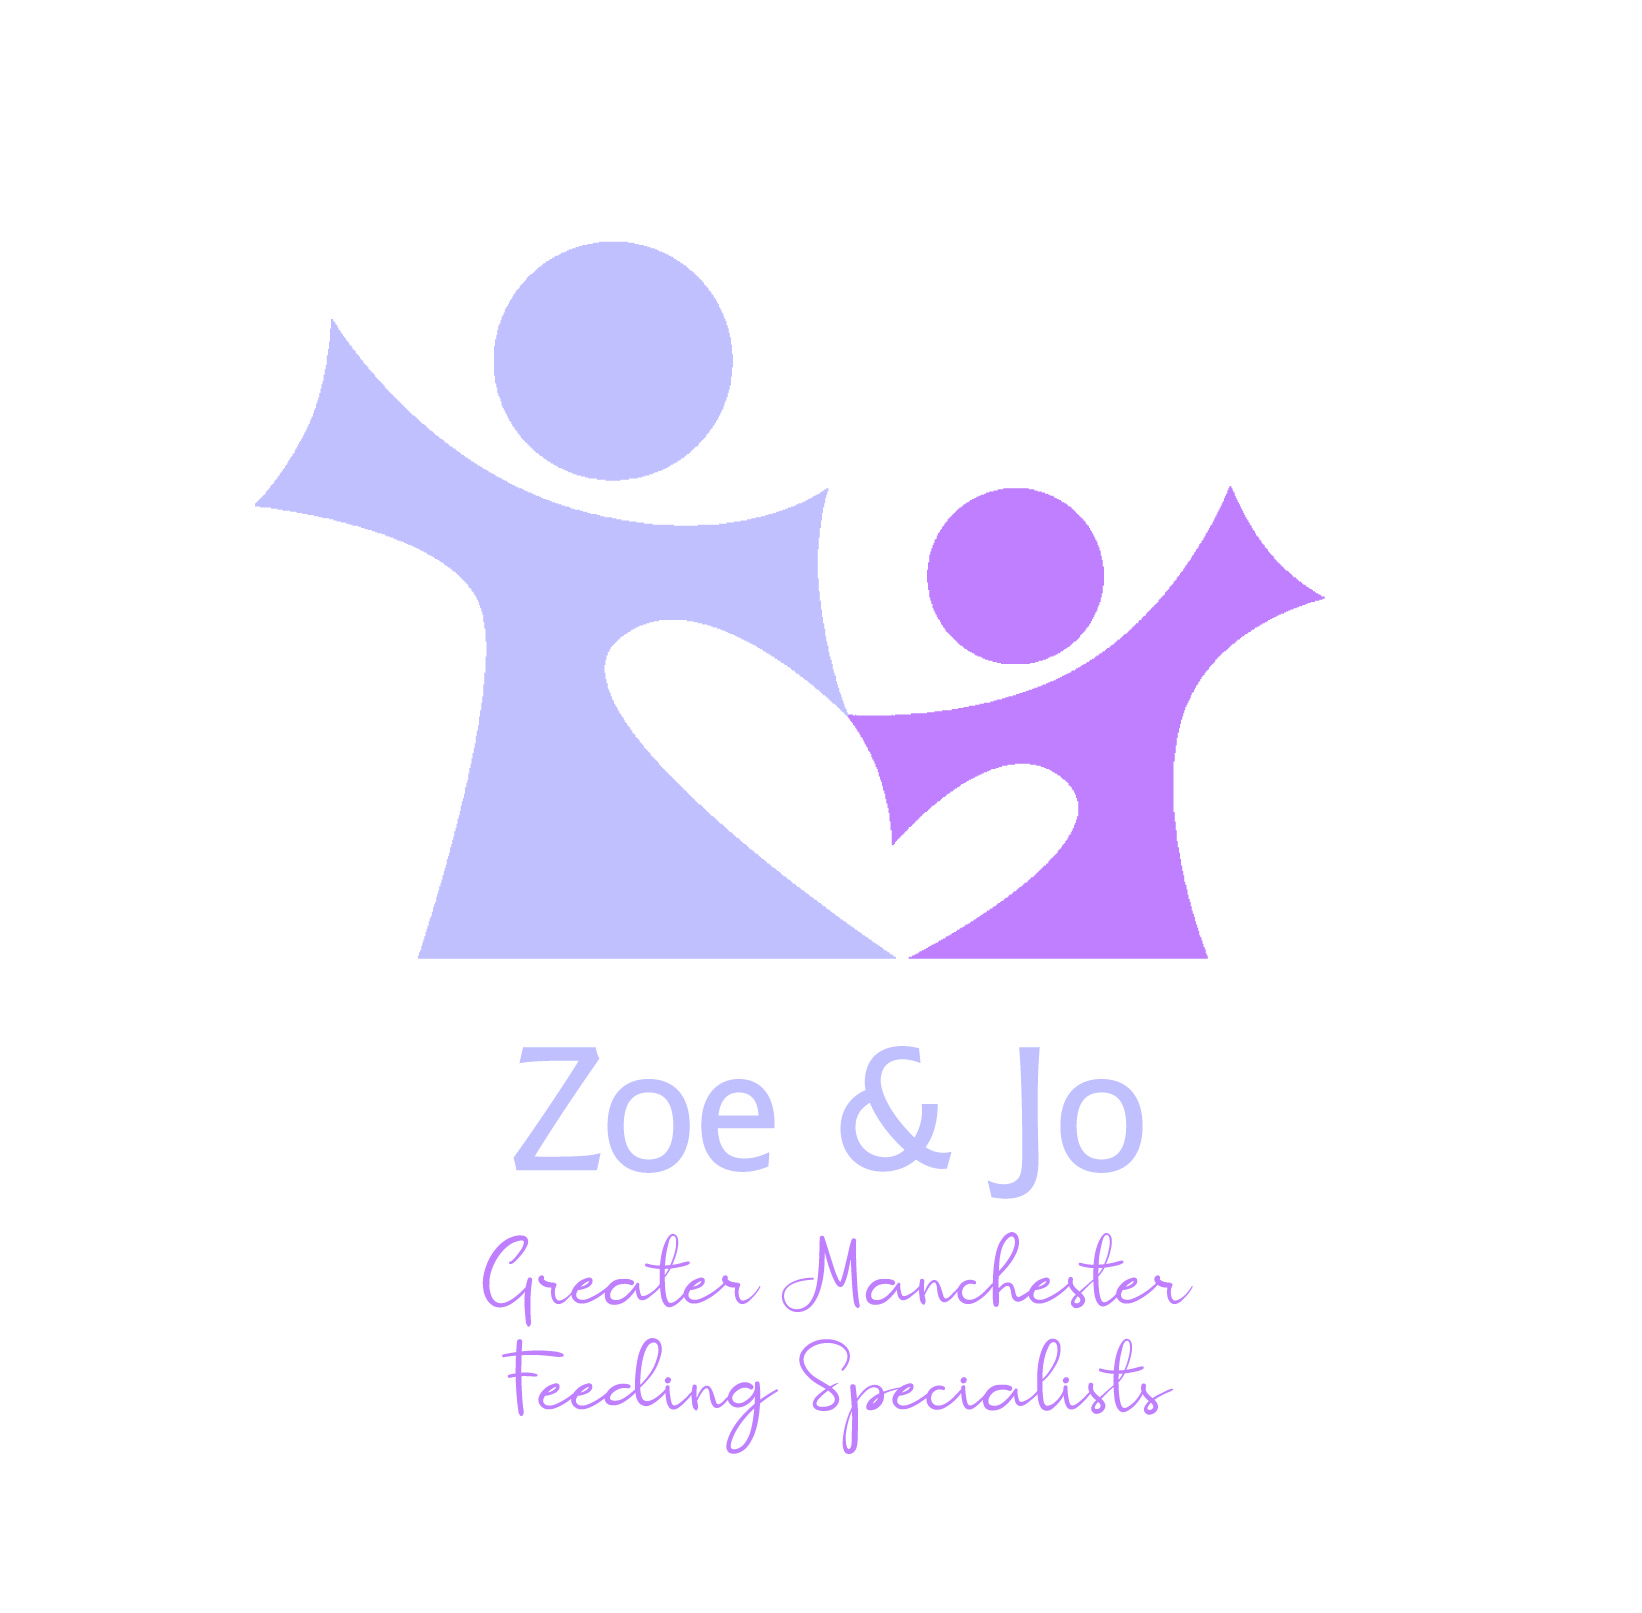 Zoe Ralph